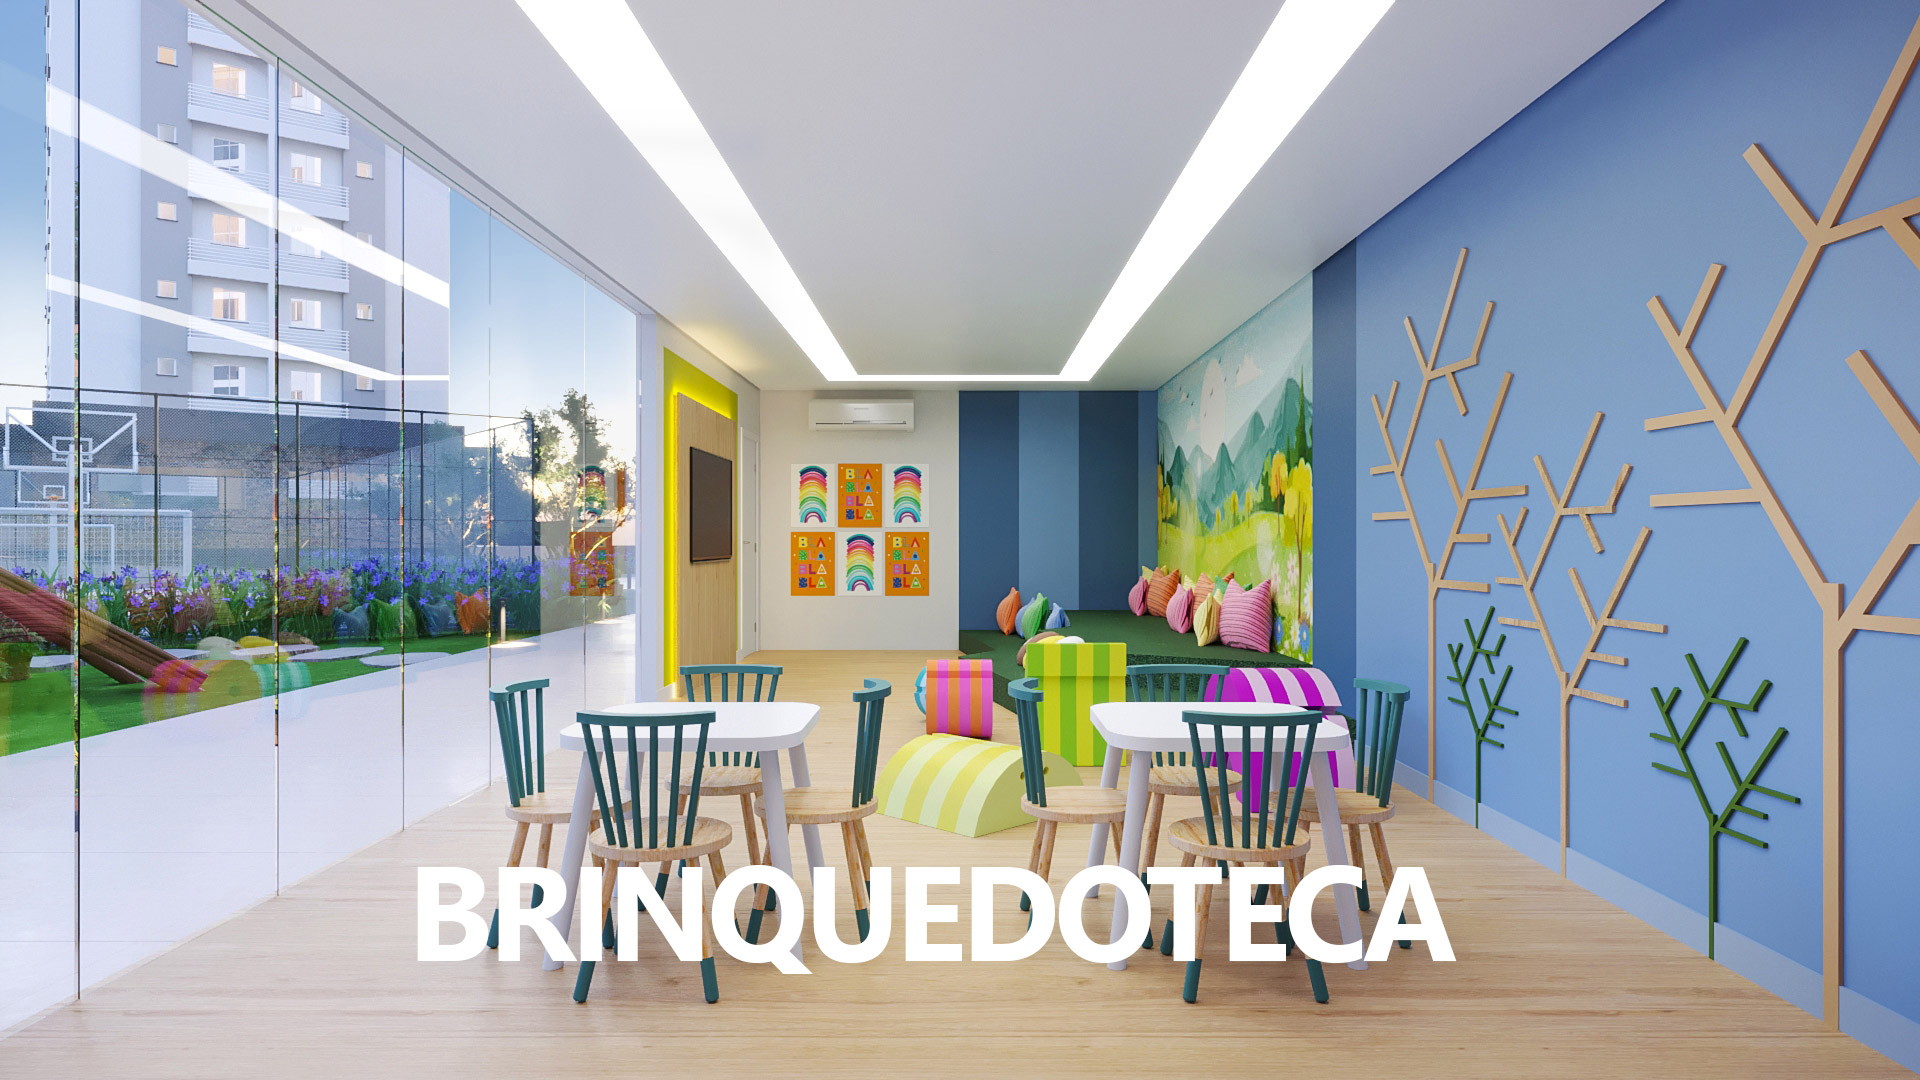 BRINQUEDOTECA-APARTAMENTO-NO-BAIRRO-GLORIA-JOINVILLE-BOSQUES-DE-PALERMO-HOME-CLUB